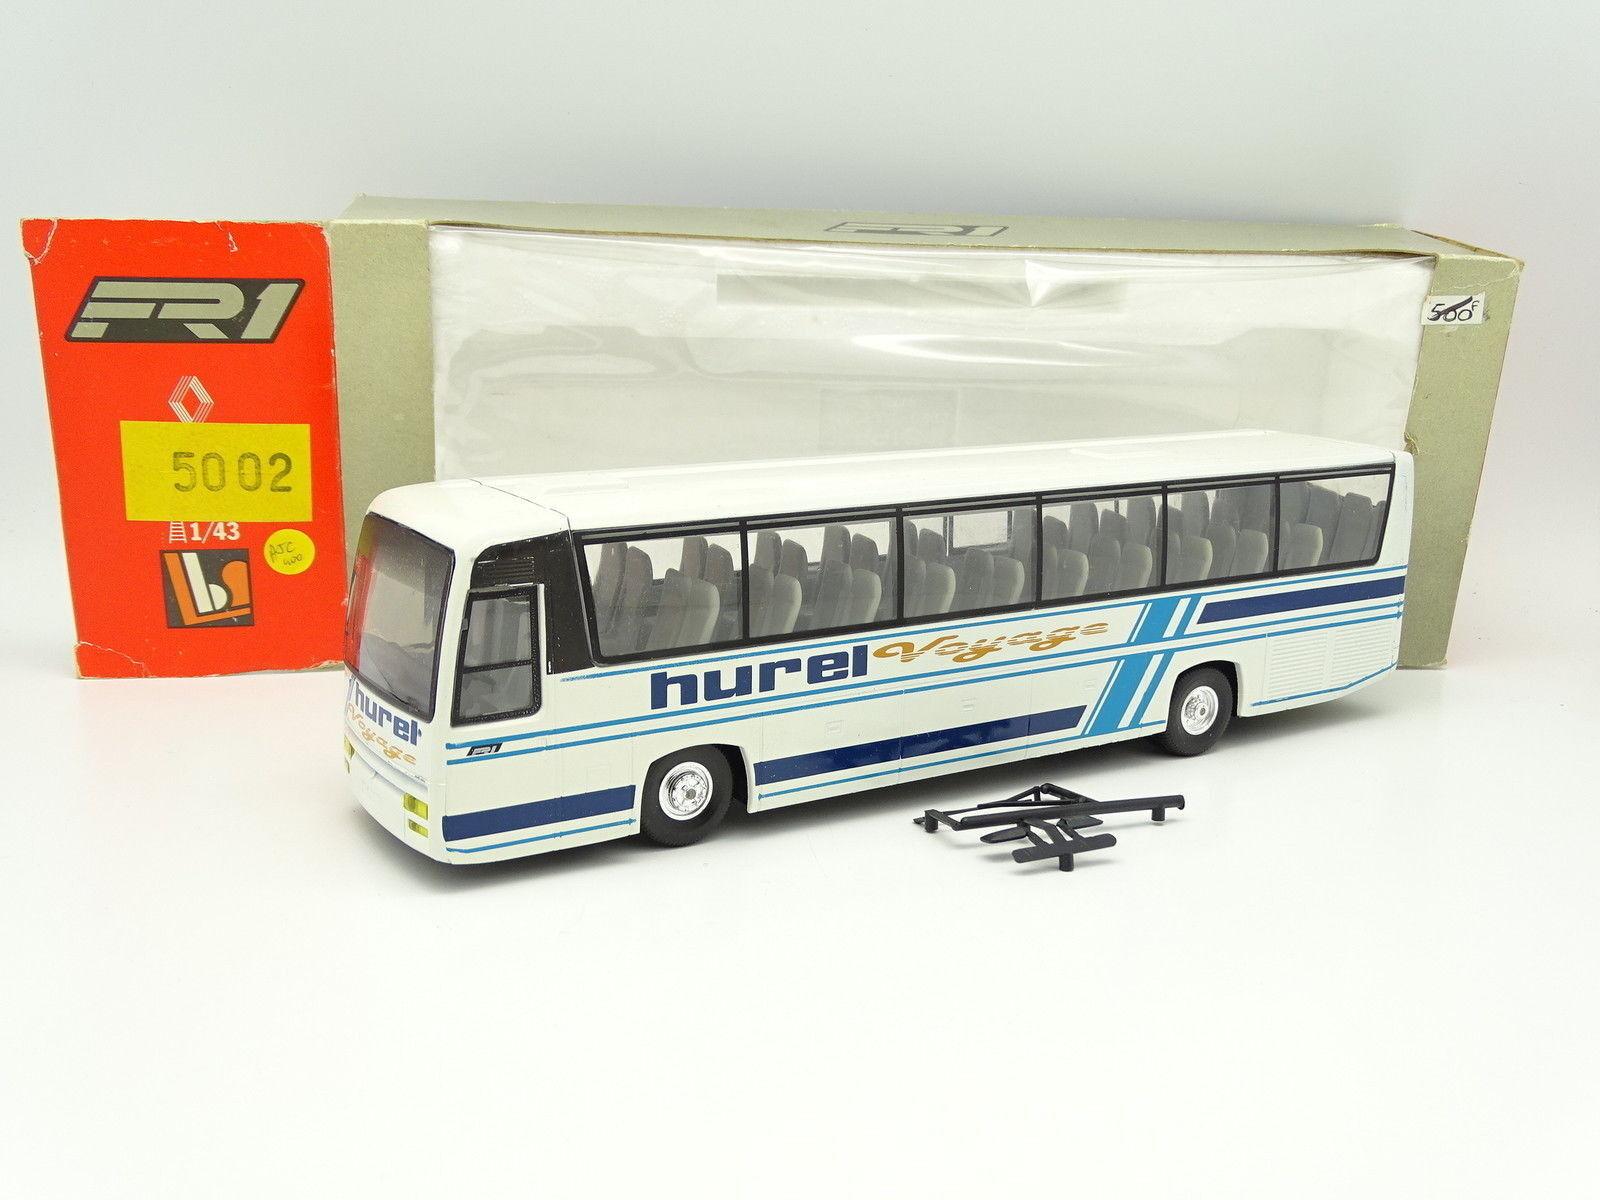 Eligor lbs 1   43 - bus auto für renault fr1 hurel reise